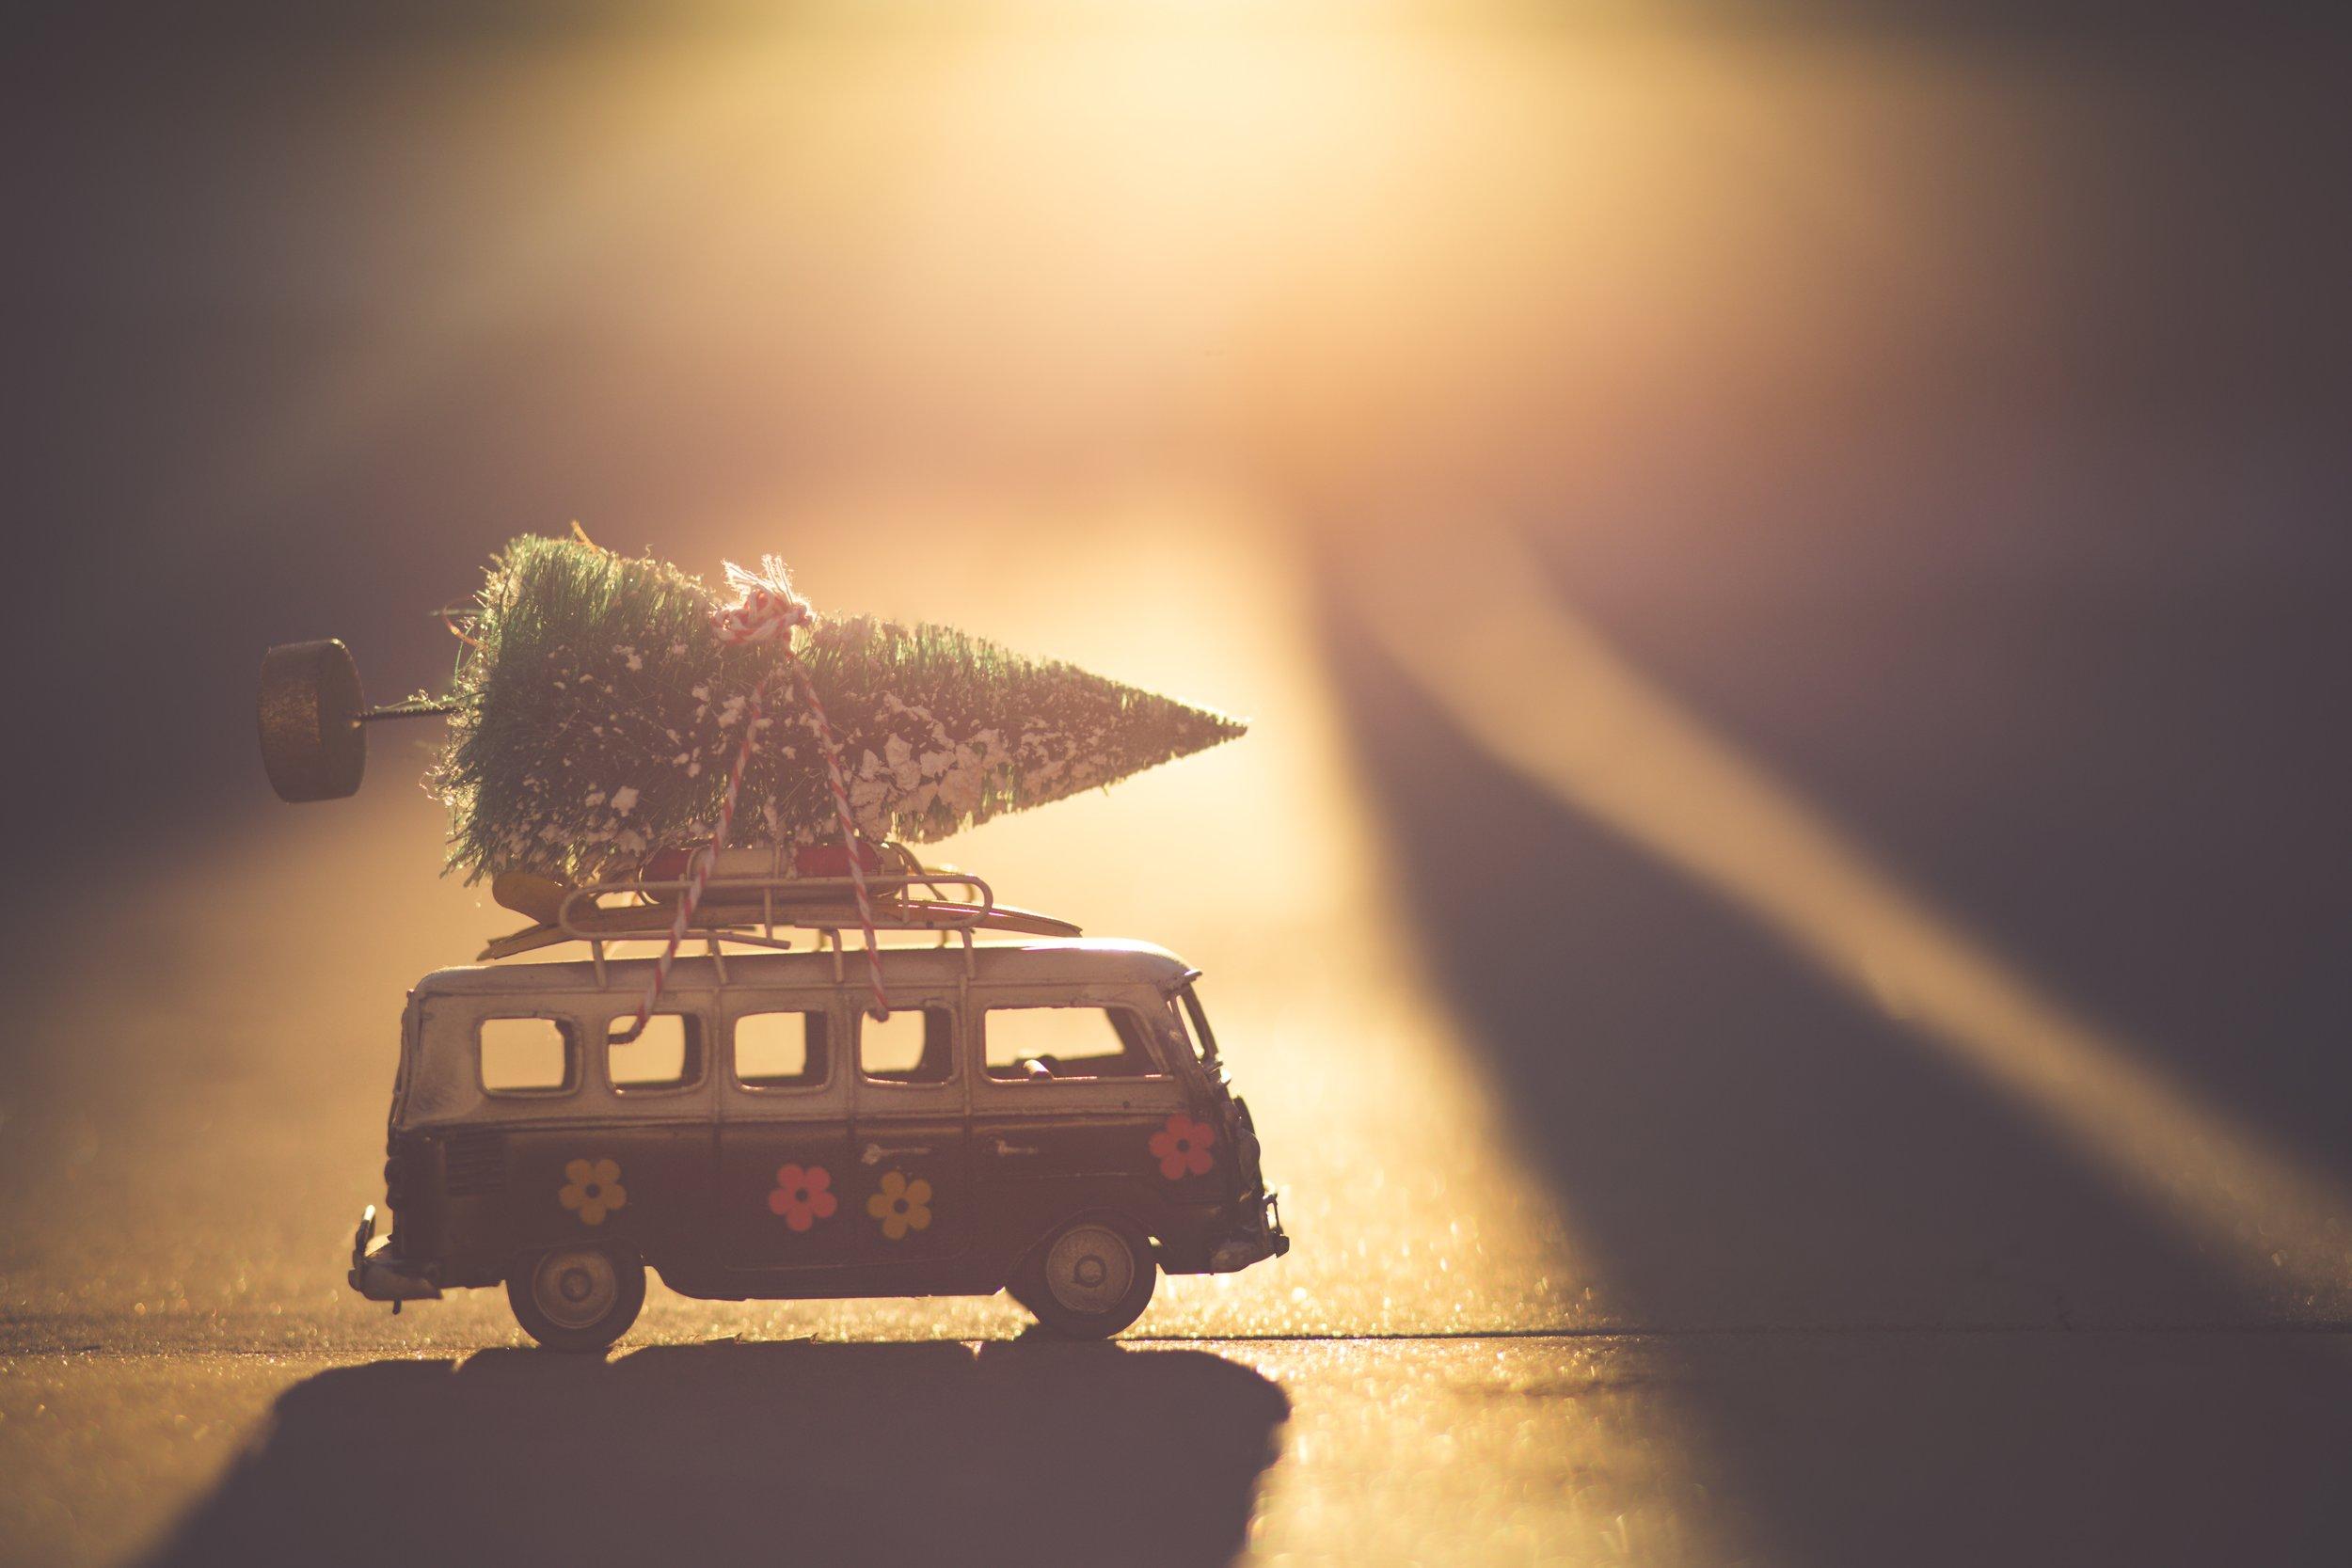 Christmas tree on a van